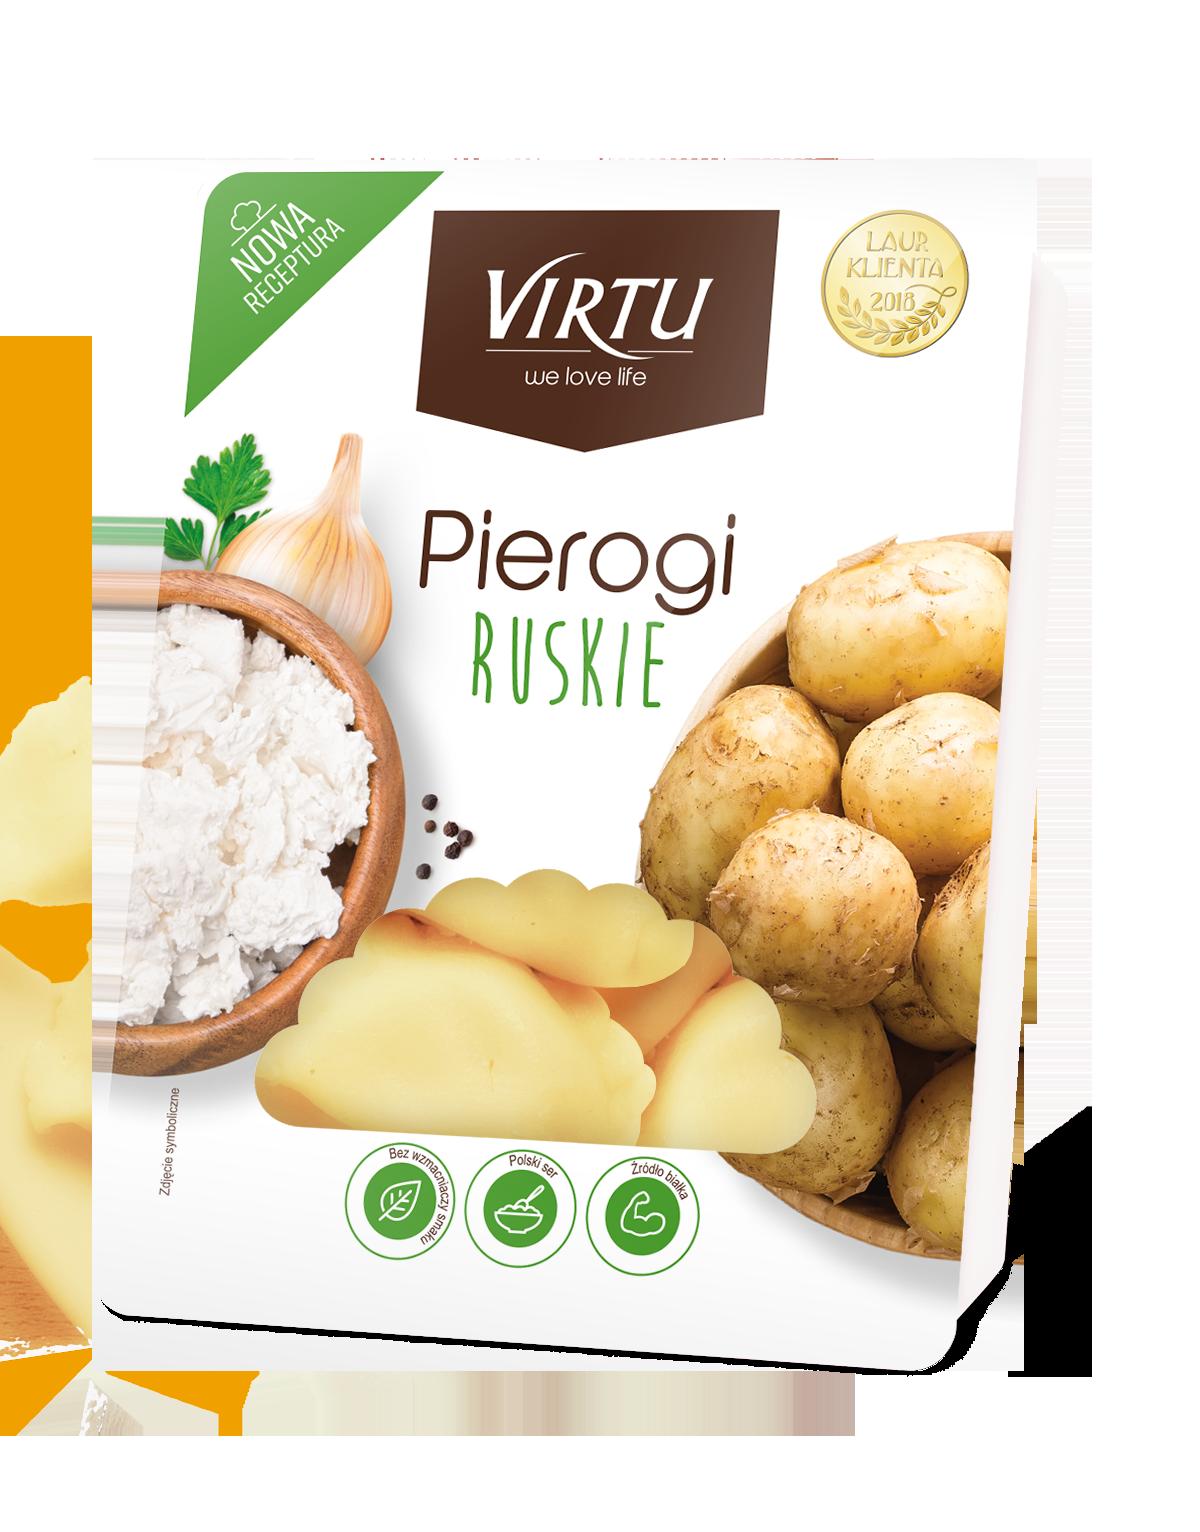 Virtu Pierogi polnische Maultaschen Russische Art (Quark und Kartoffel) 400g